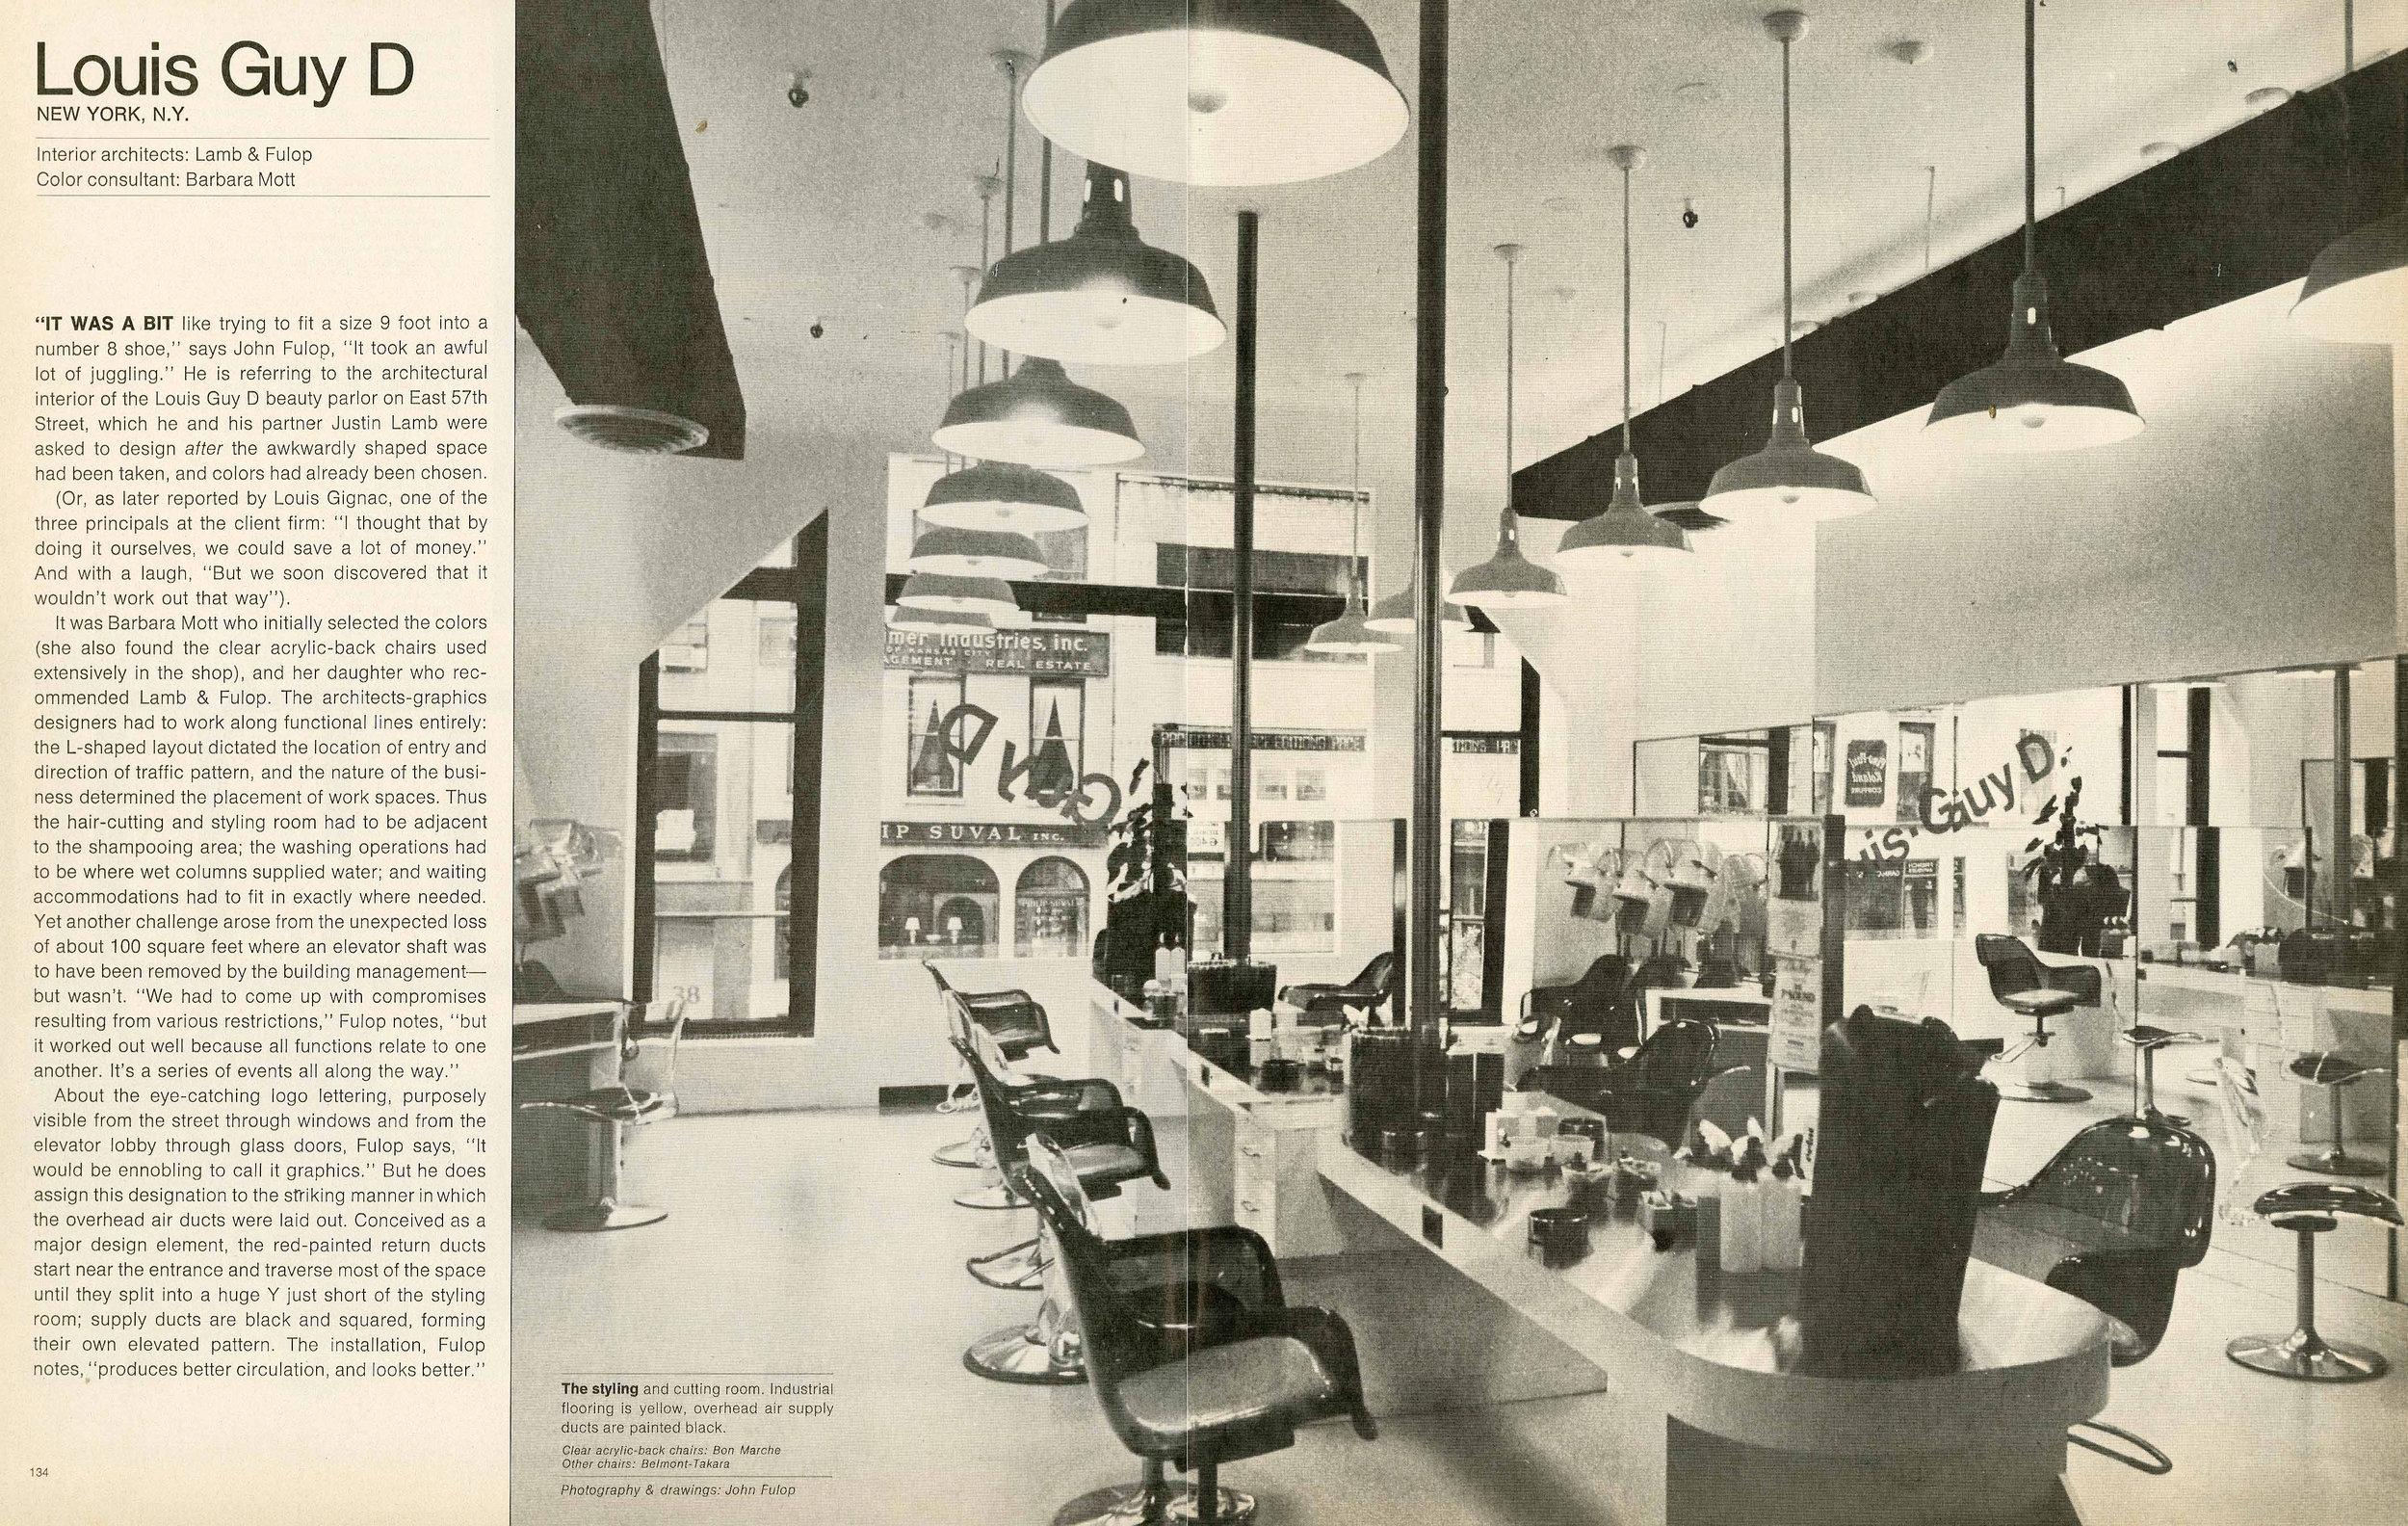 Interior Design Magazine - April 1974